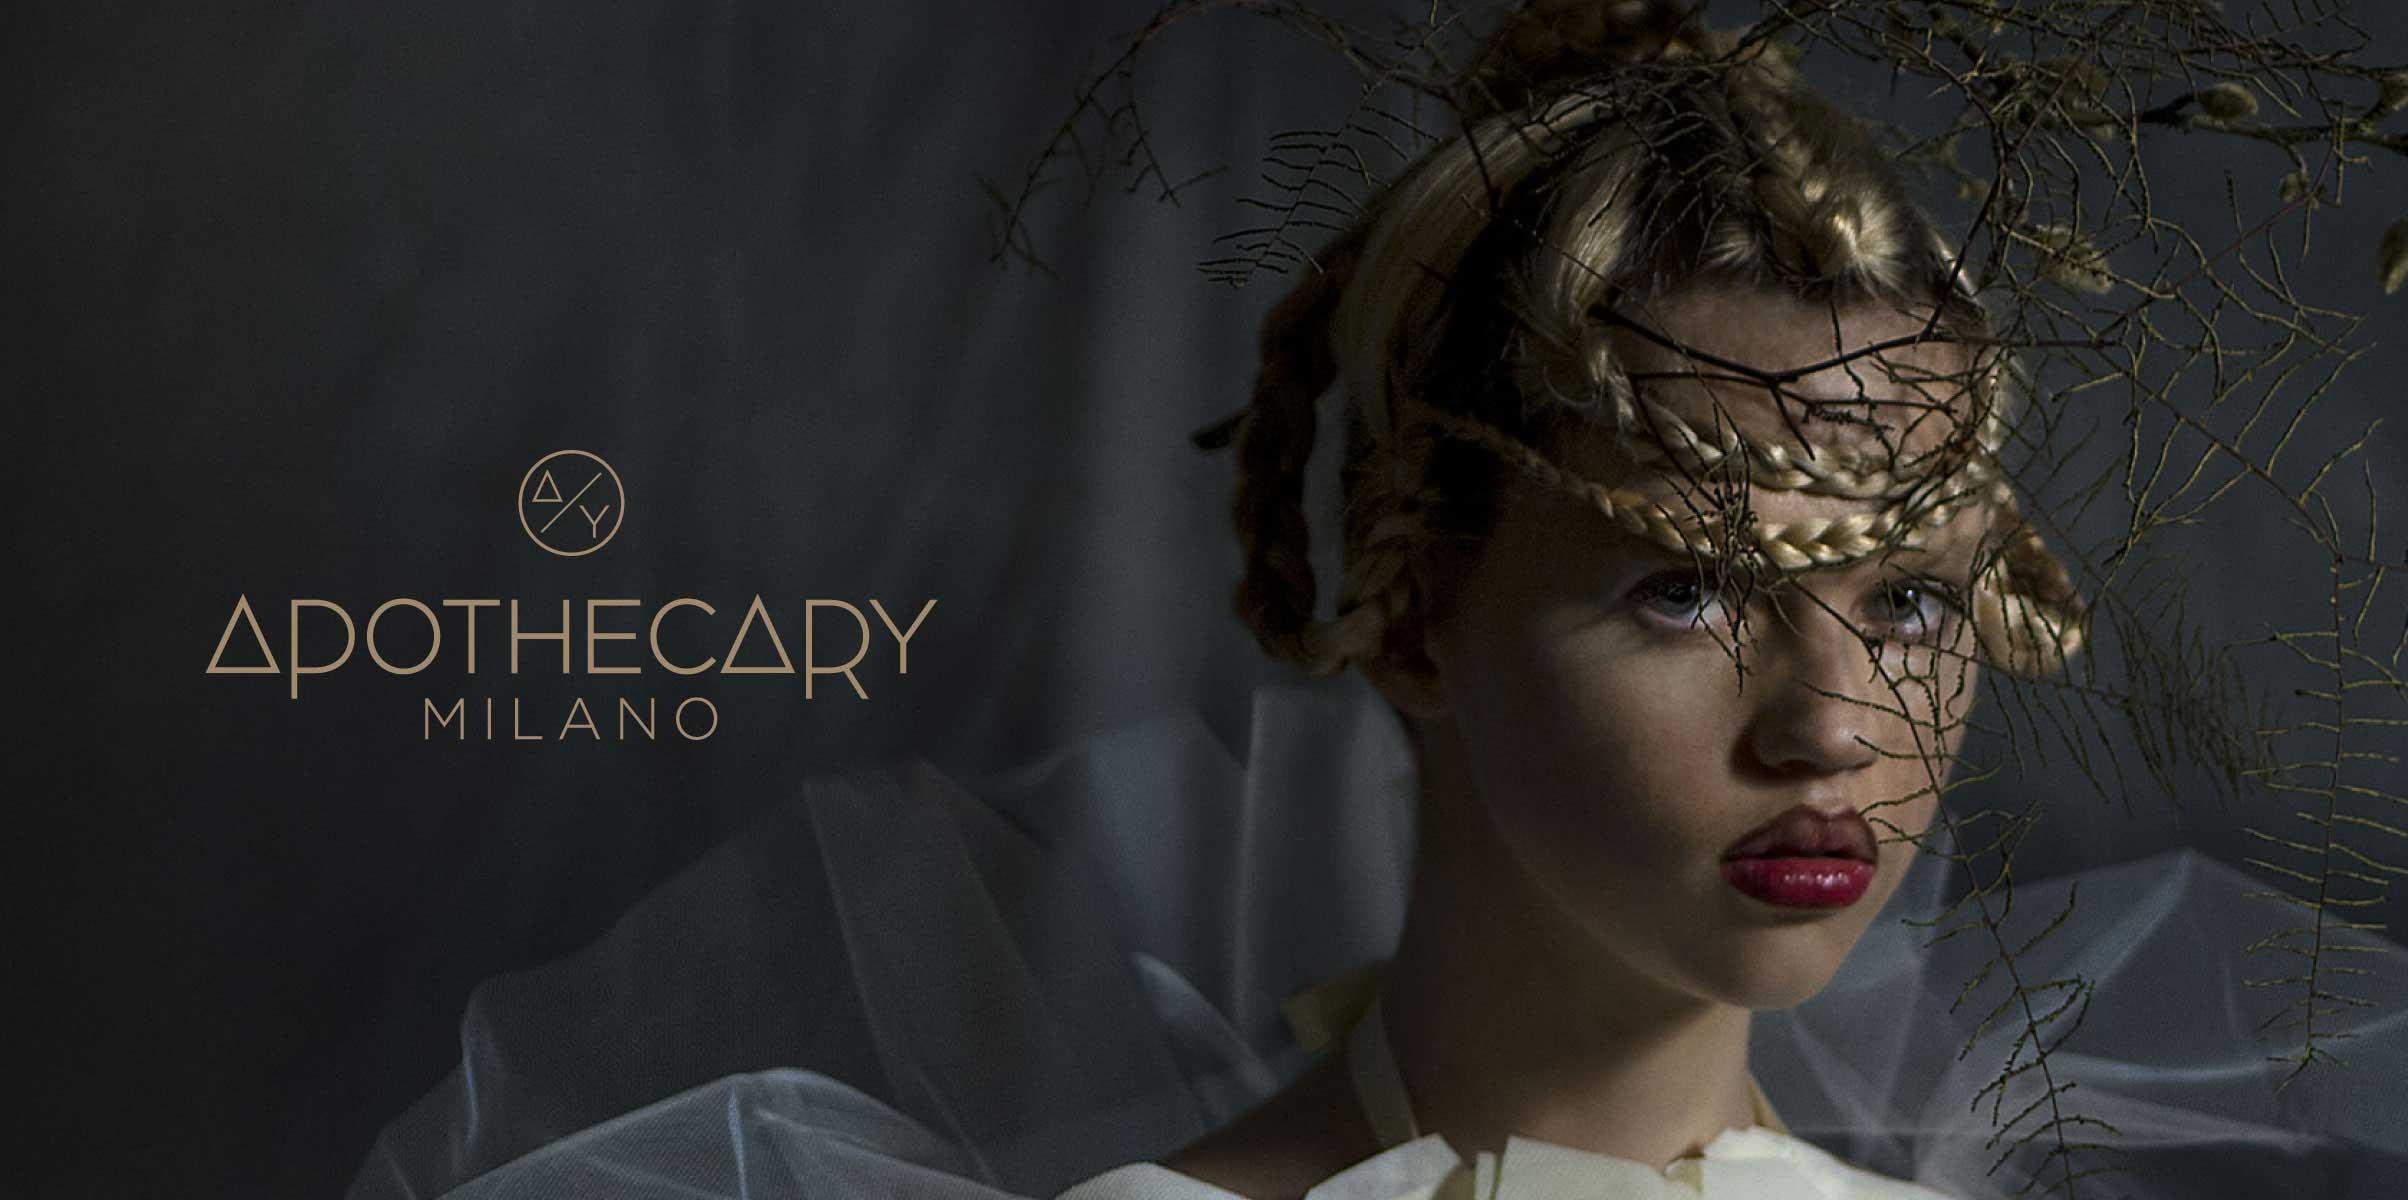 gian_pancrazio_pala_apothecary_milano_website_projects_portfolio_4